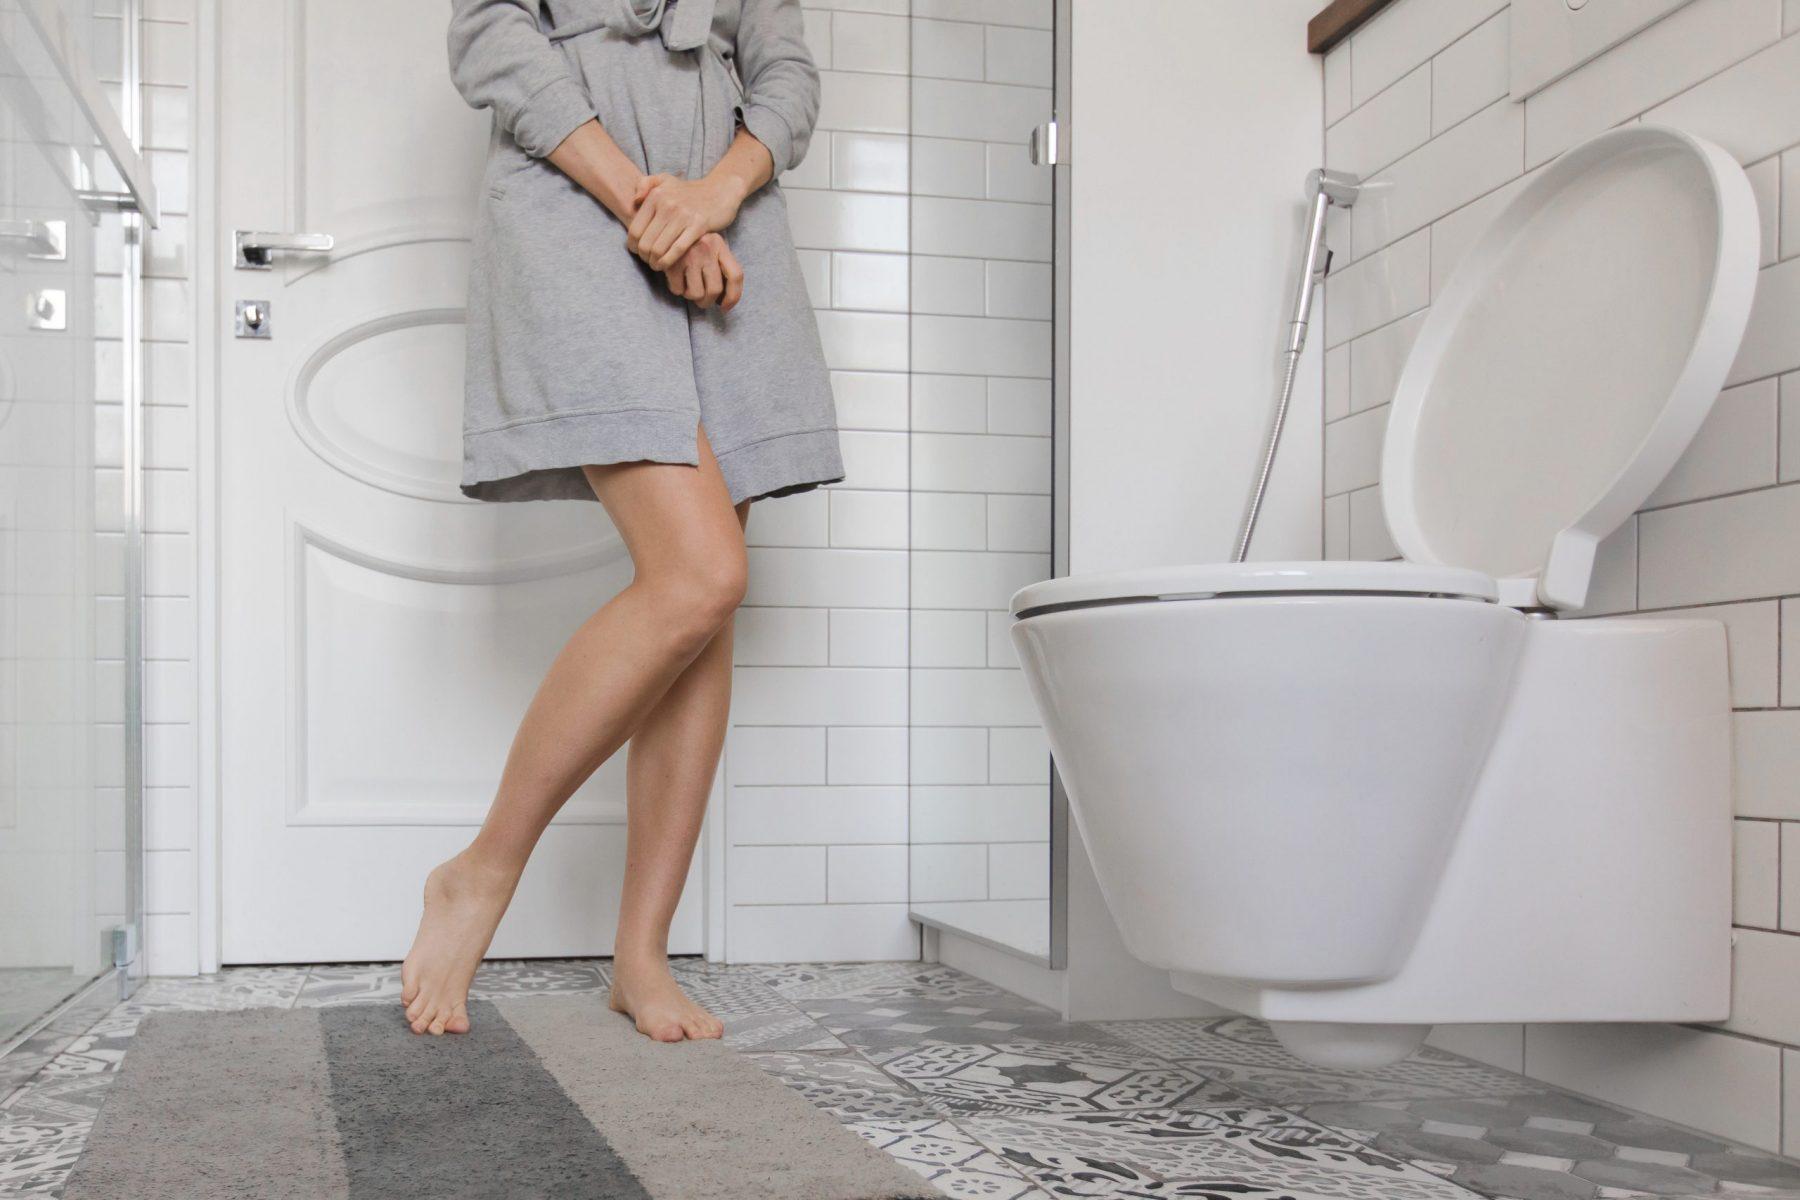 Συχνουρία ψυχολογικό: Γιατί πηγαίνω συνέχεια τουαλέτα